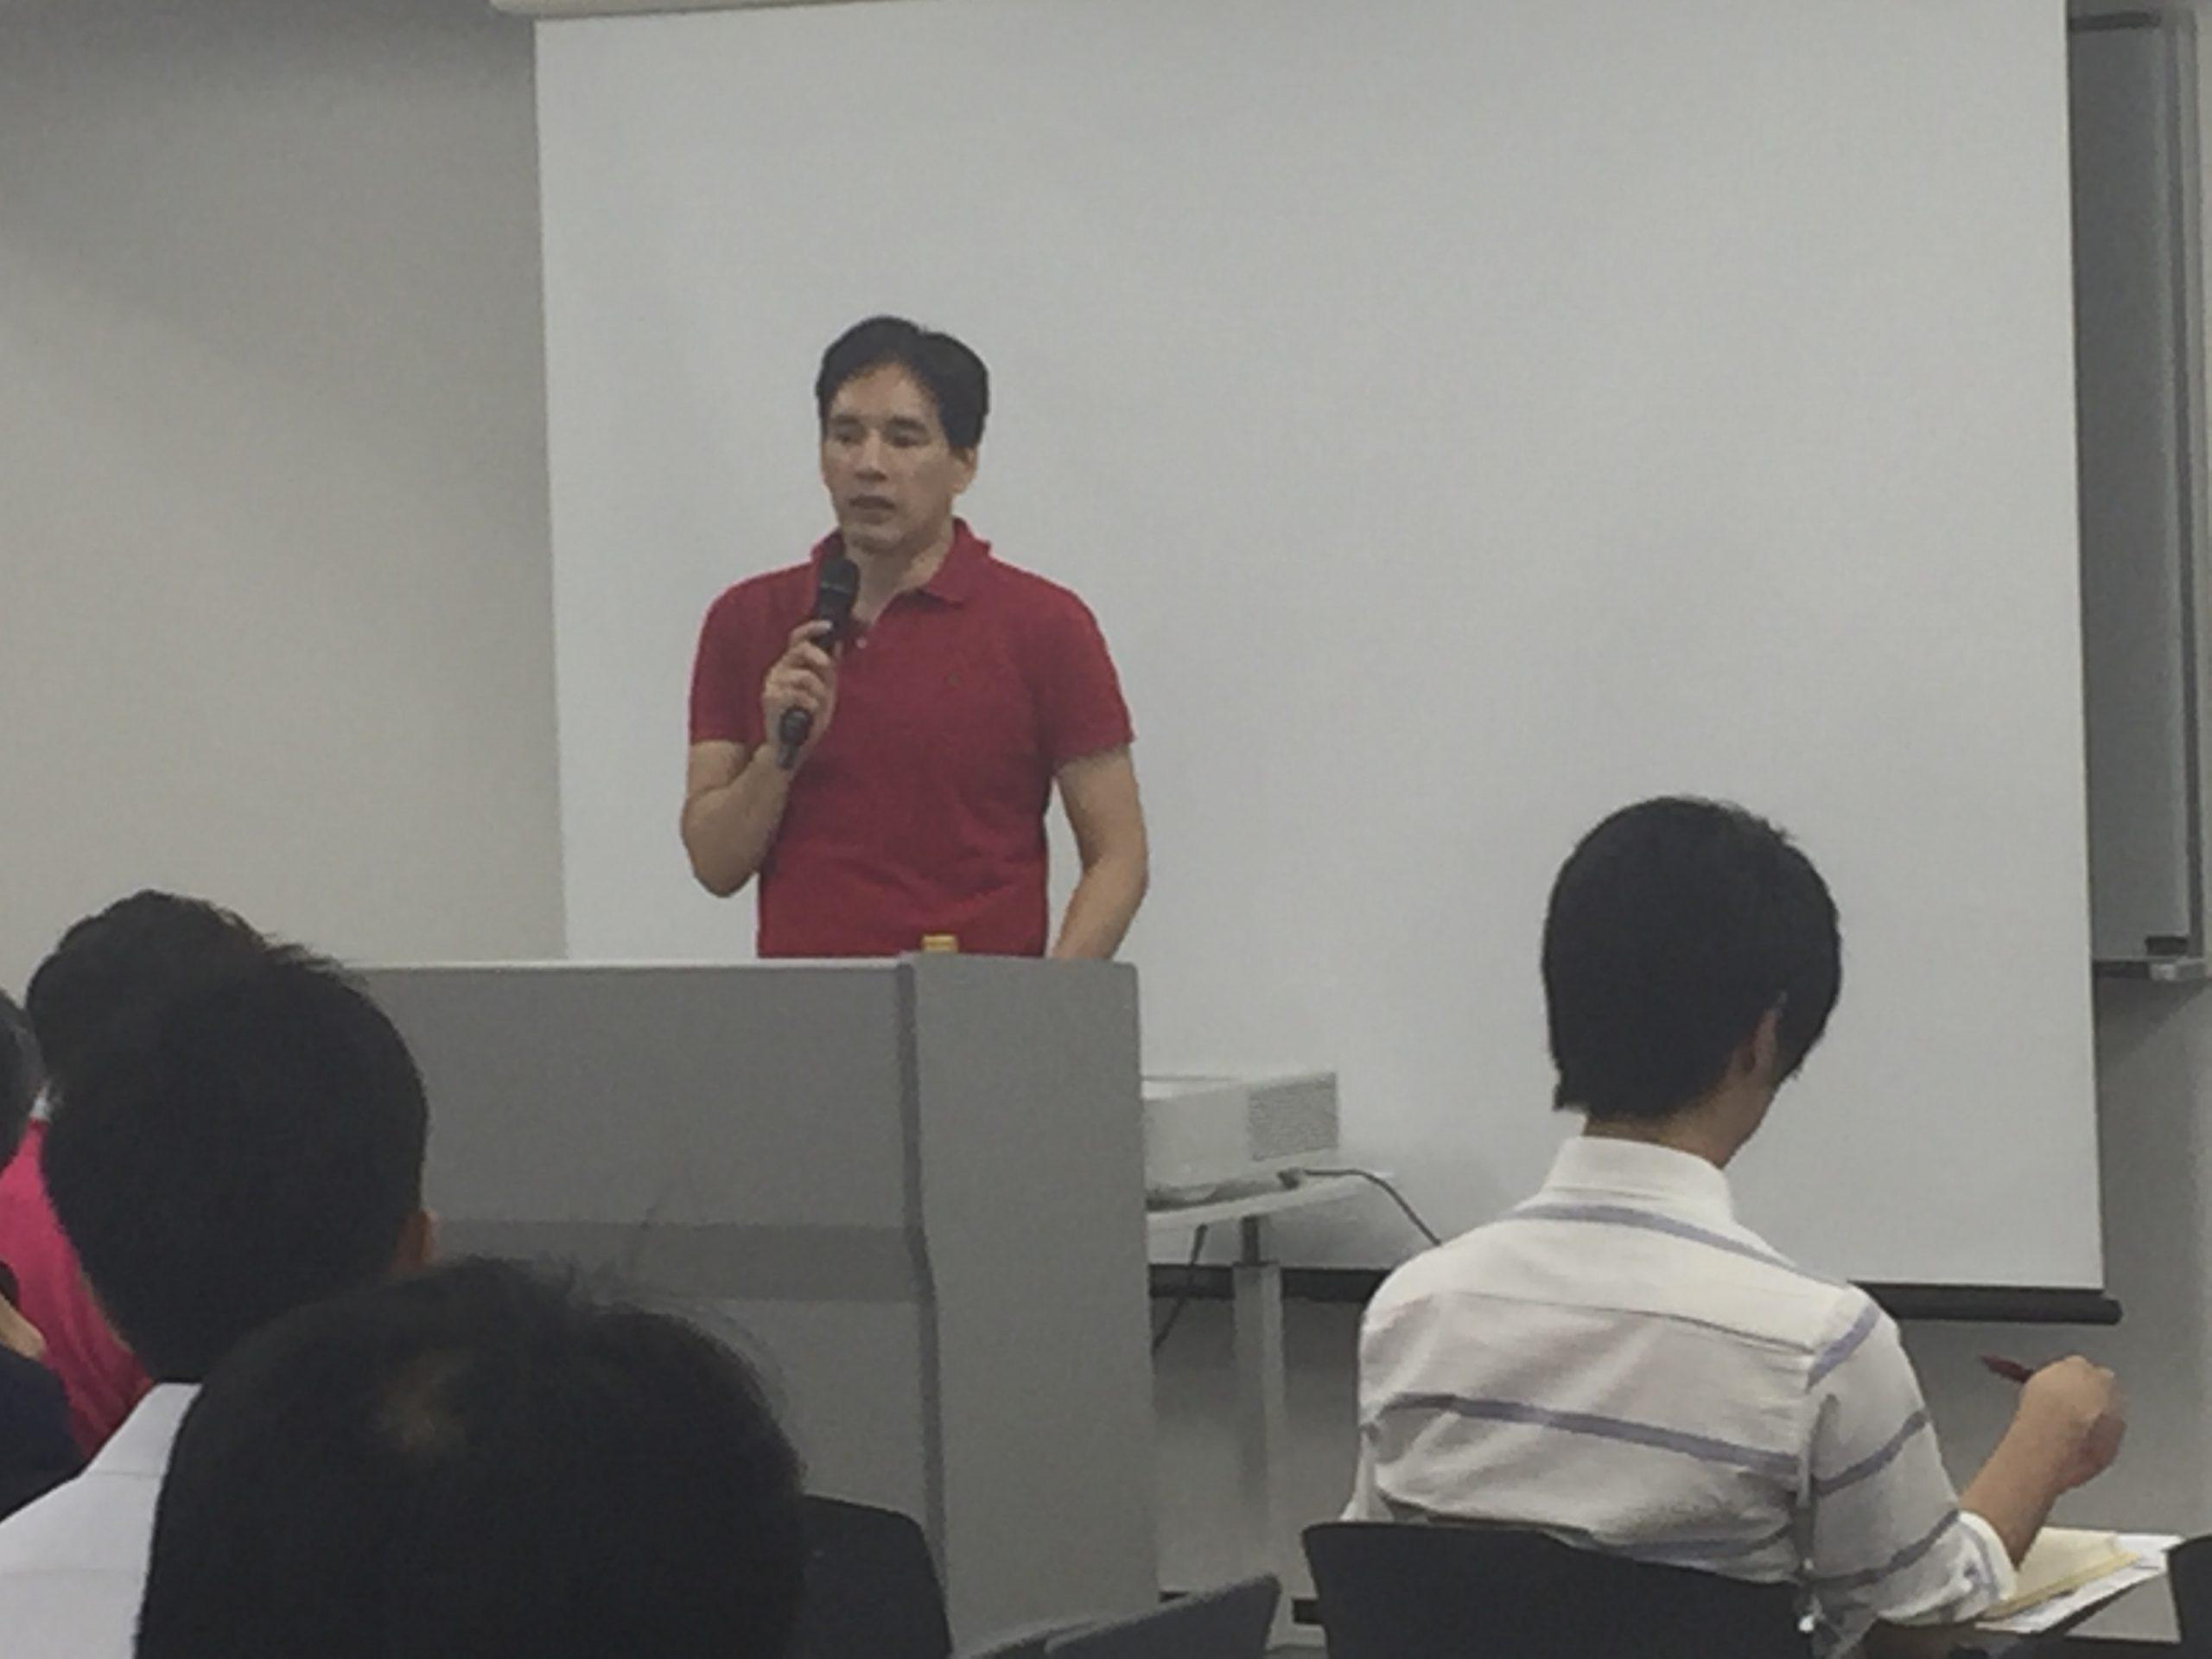 第31回 グロービス代表 堀義人氏 講演会 (2016/6/1)